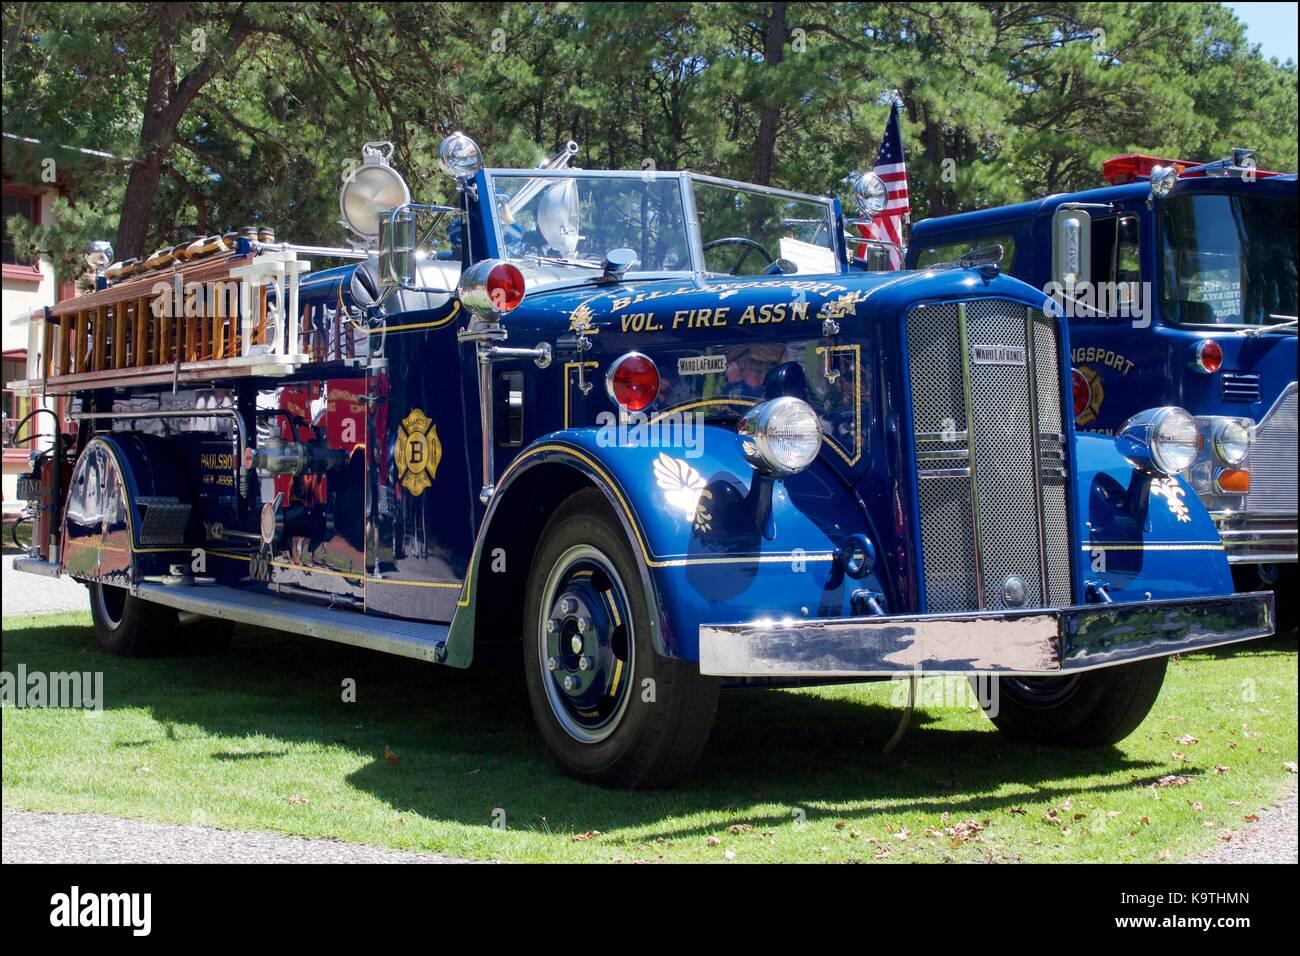 Blu vintage 1949 ward lafrance fire carrello sul display in corrispondenza di una apparecchiatura antincendio muster. Immagini Stock